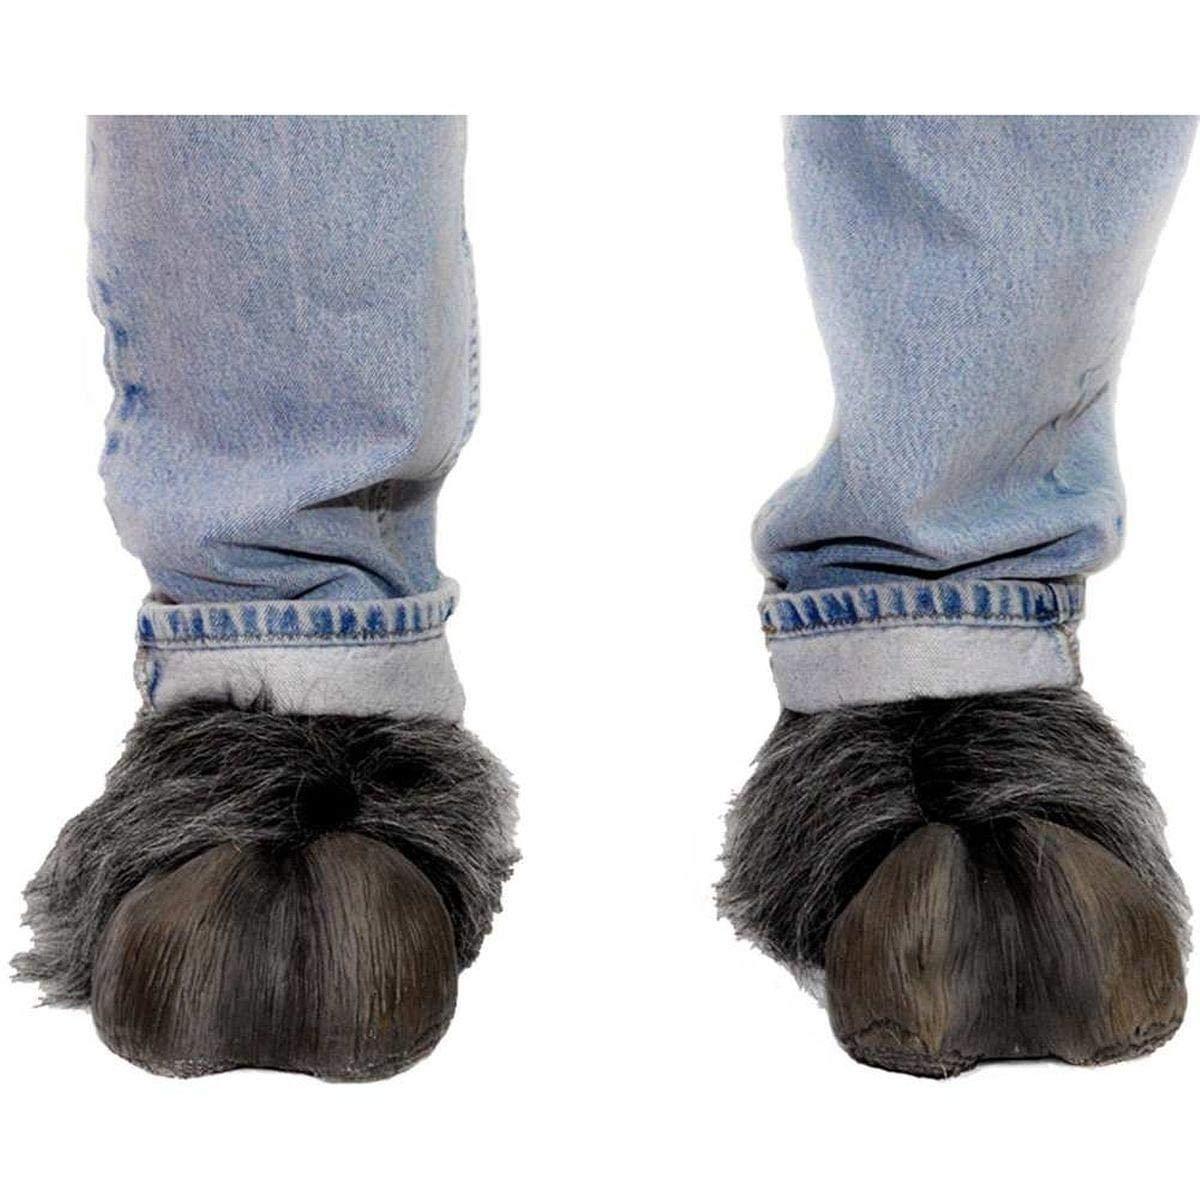 Gris Hoof Zapatos Cubre adulto disfraz accesorio